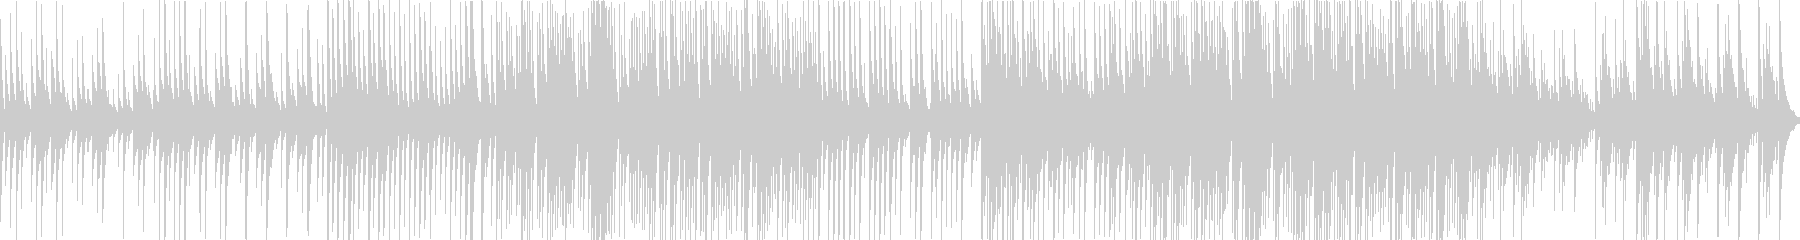 カノンのオルゴールアレンジ_ループokの未再生の波形